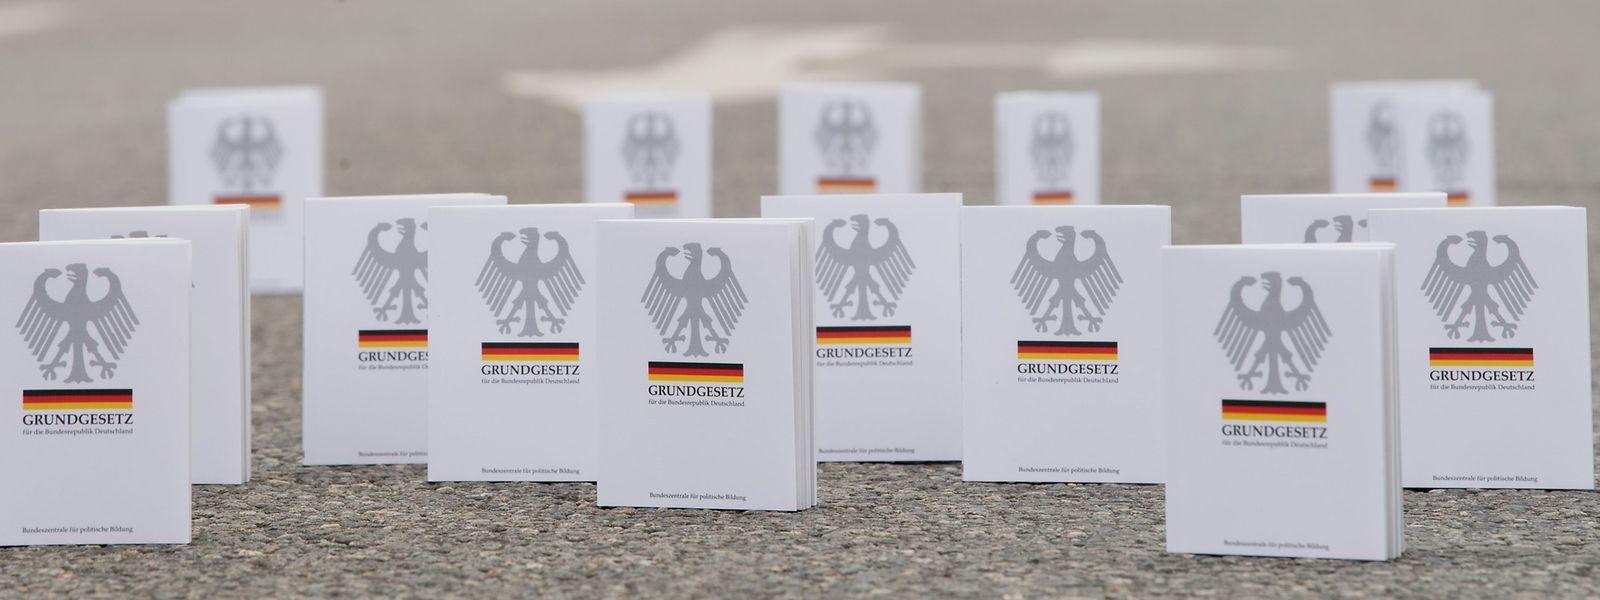 Mit dem Grundgesetz versuchen die Chemnitzer Bürger den Rechten Grenzen aufzuzeigen.